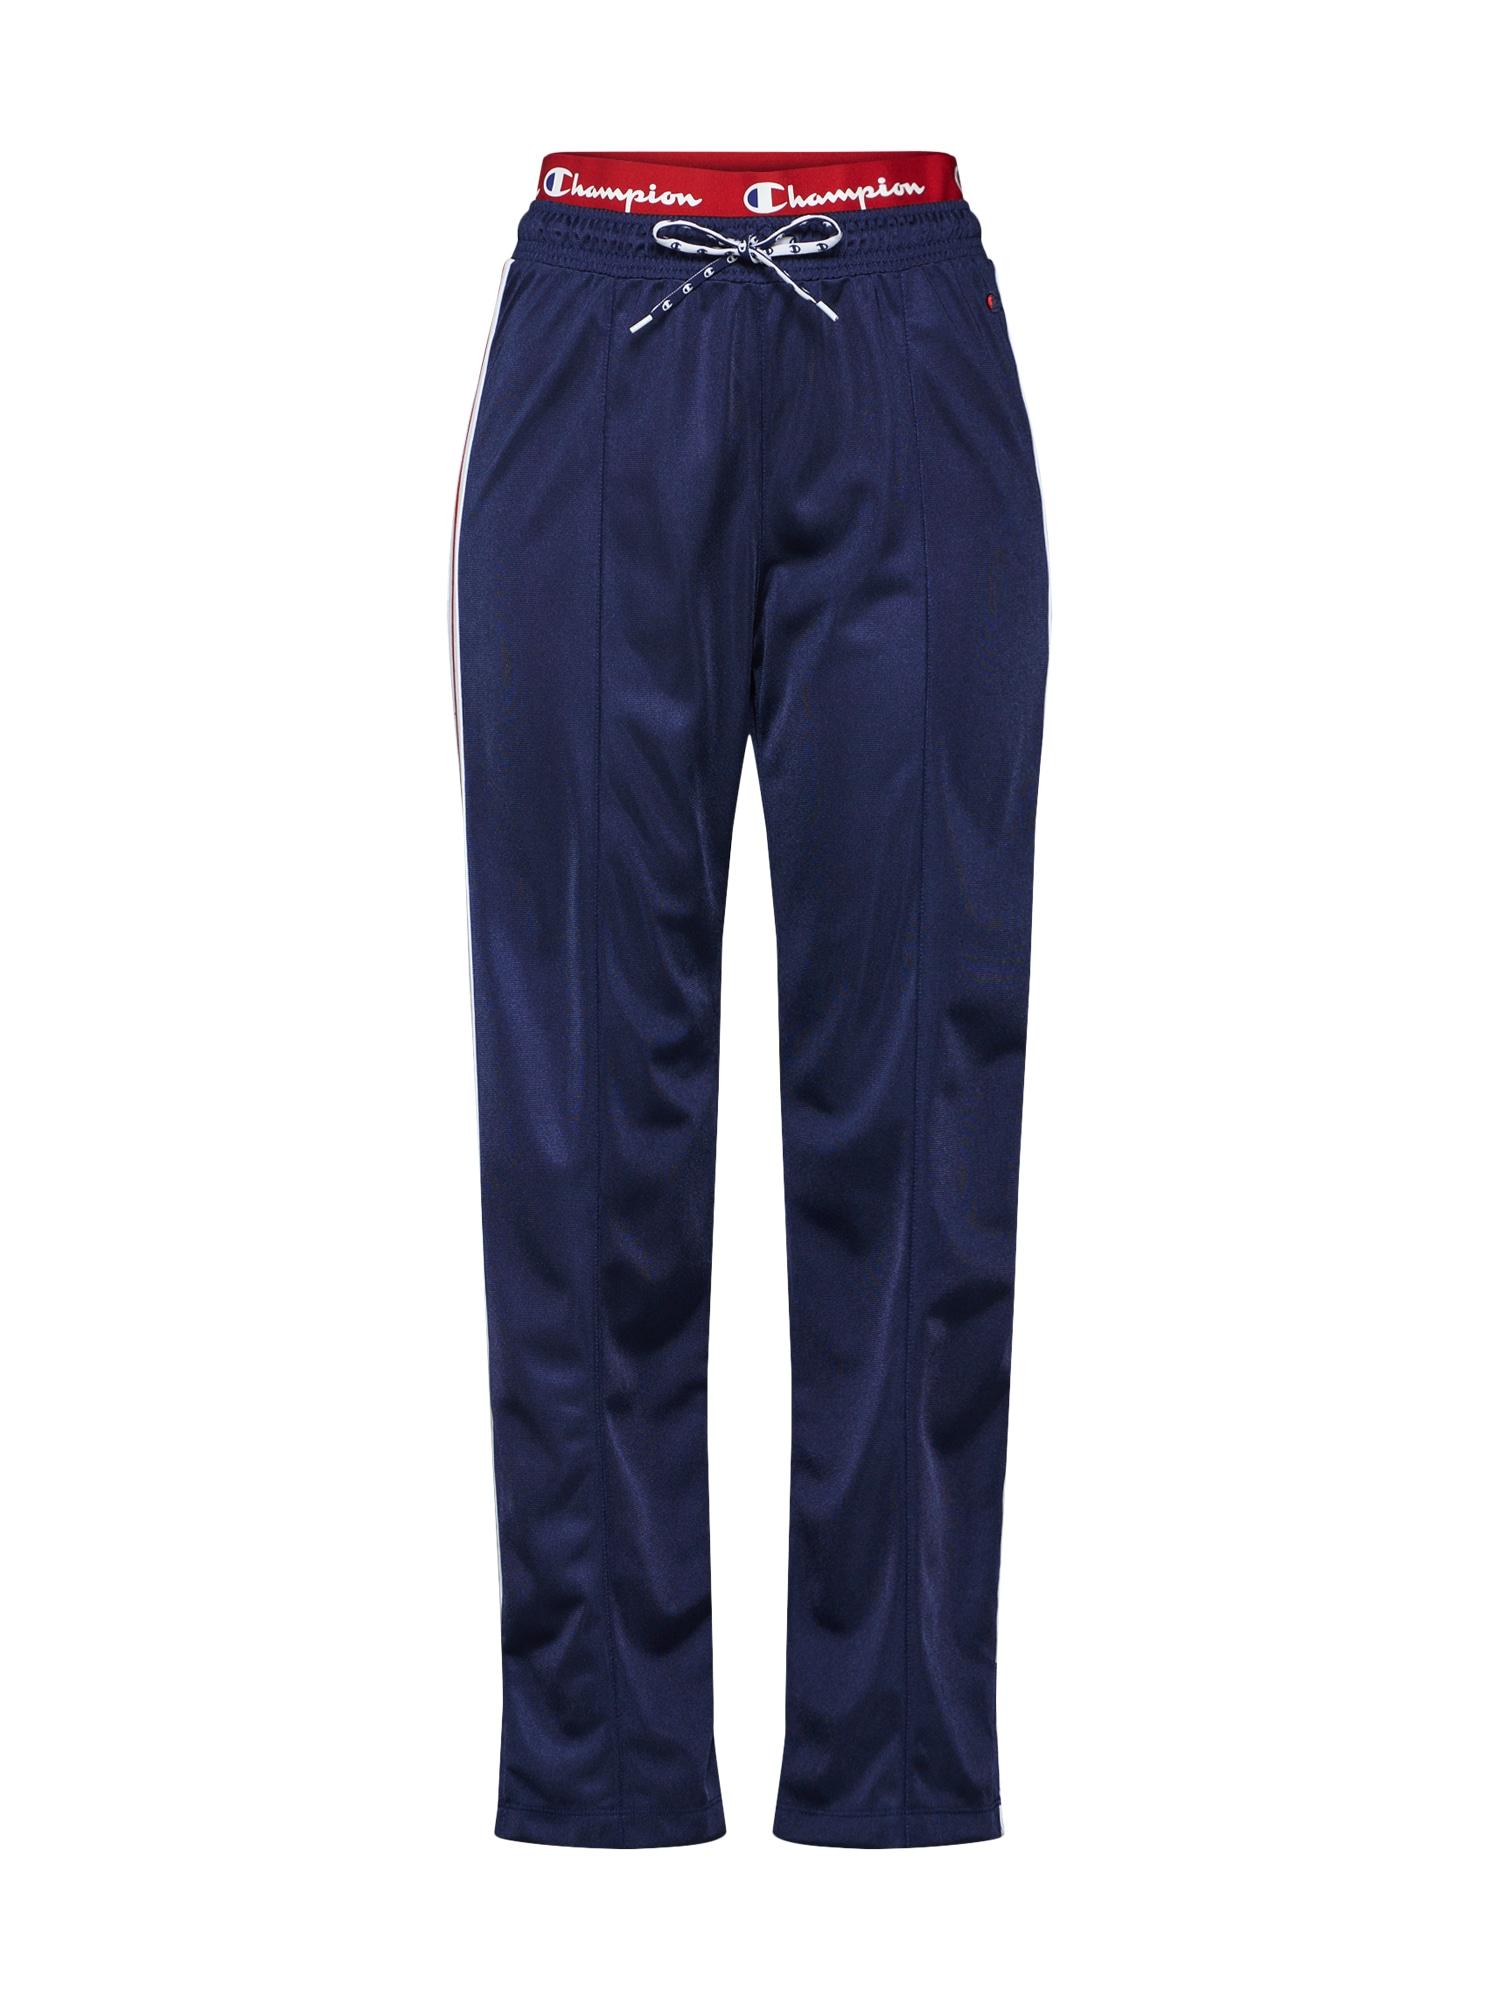 Kalhoty Rochester Straight Hem Pants Brand Manifesto námořnická modř červená bílá Champion Authentic Athletic Apparel